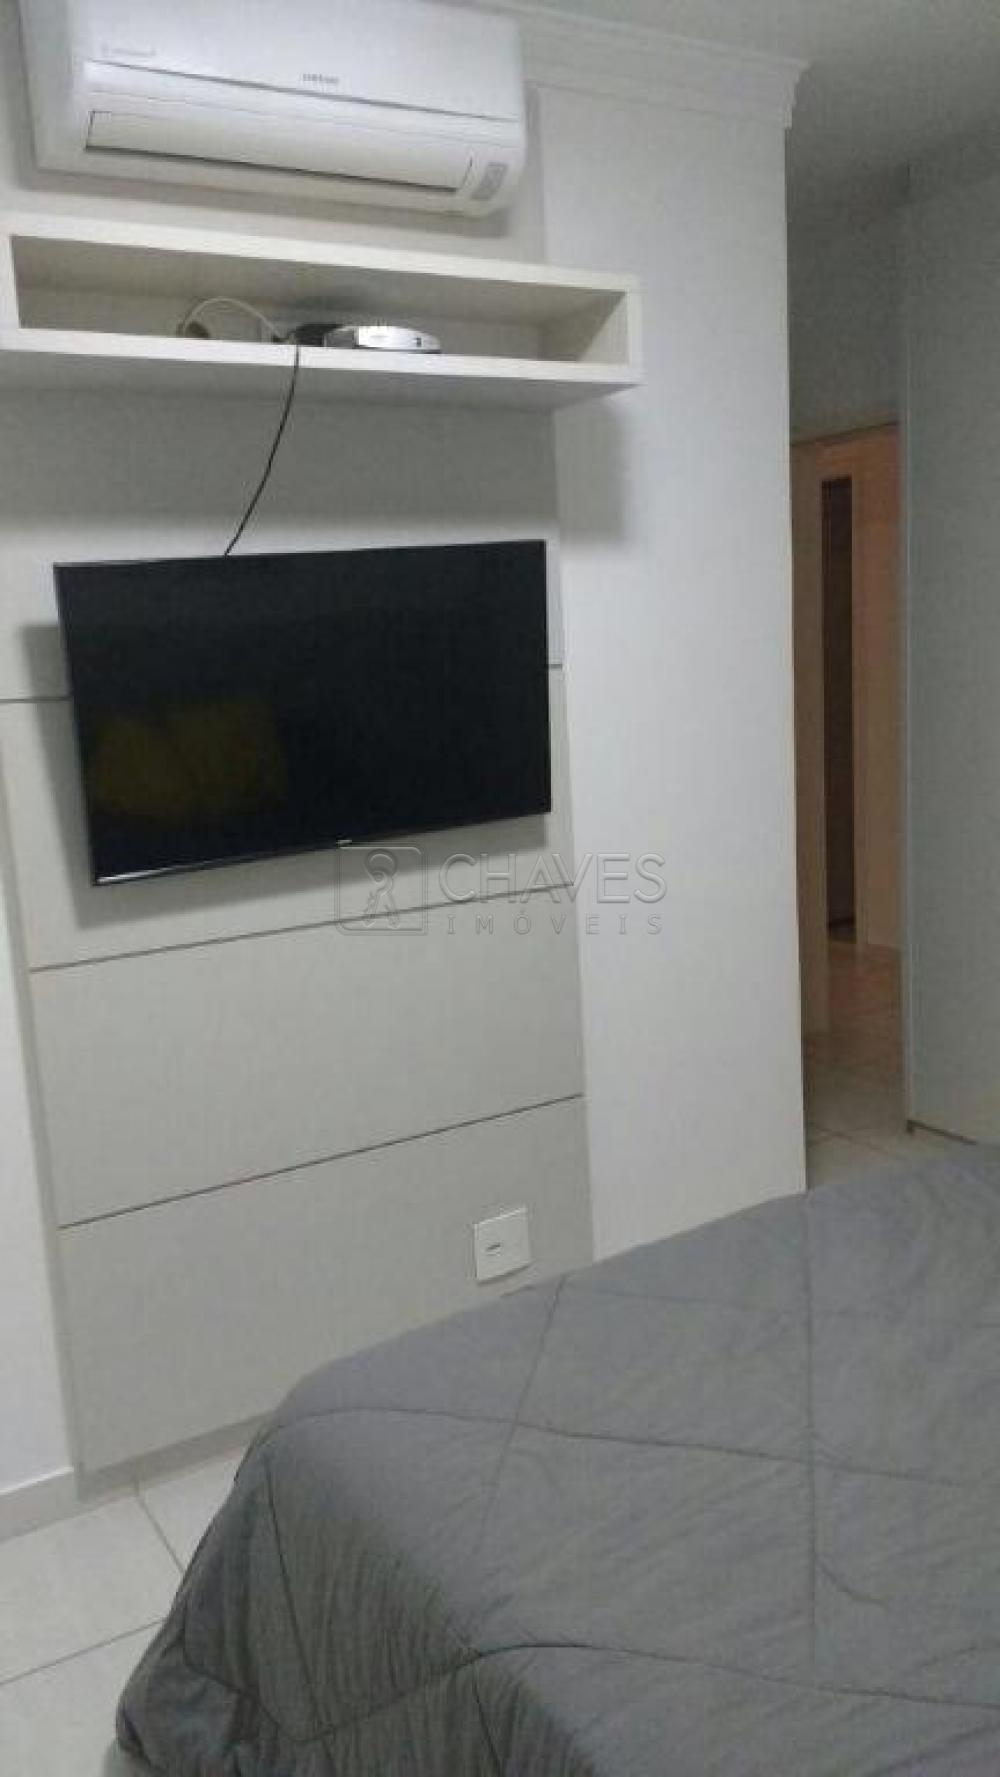 Comprar Apartamento / Padrão em Ribeirão Preto apenas R$ 420.000,00 - Foto 15